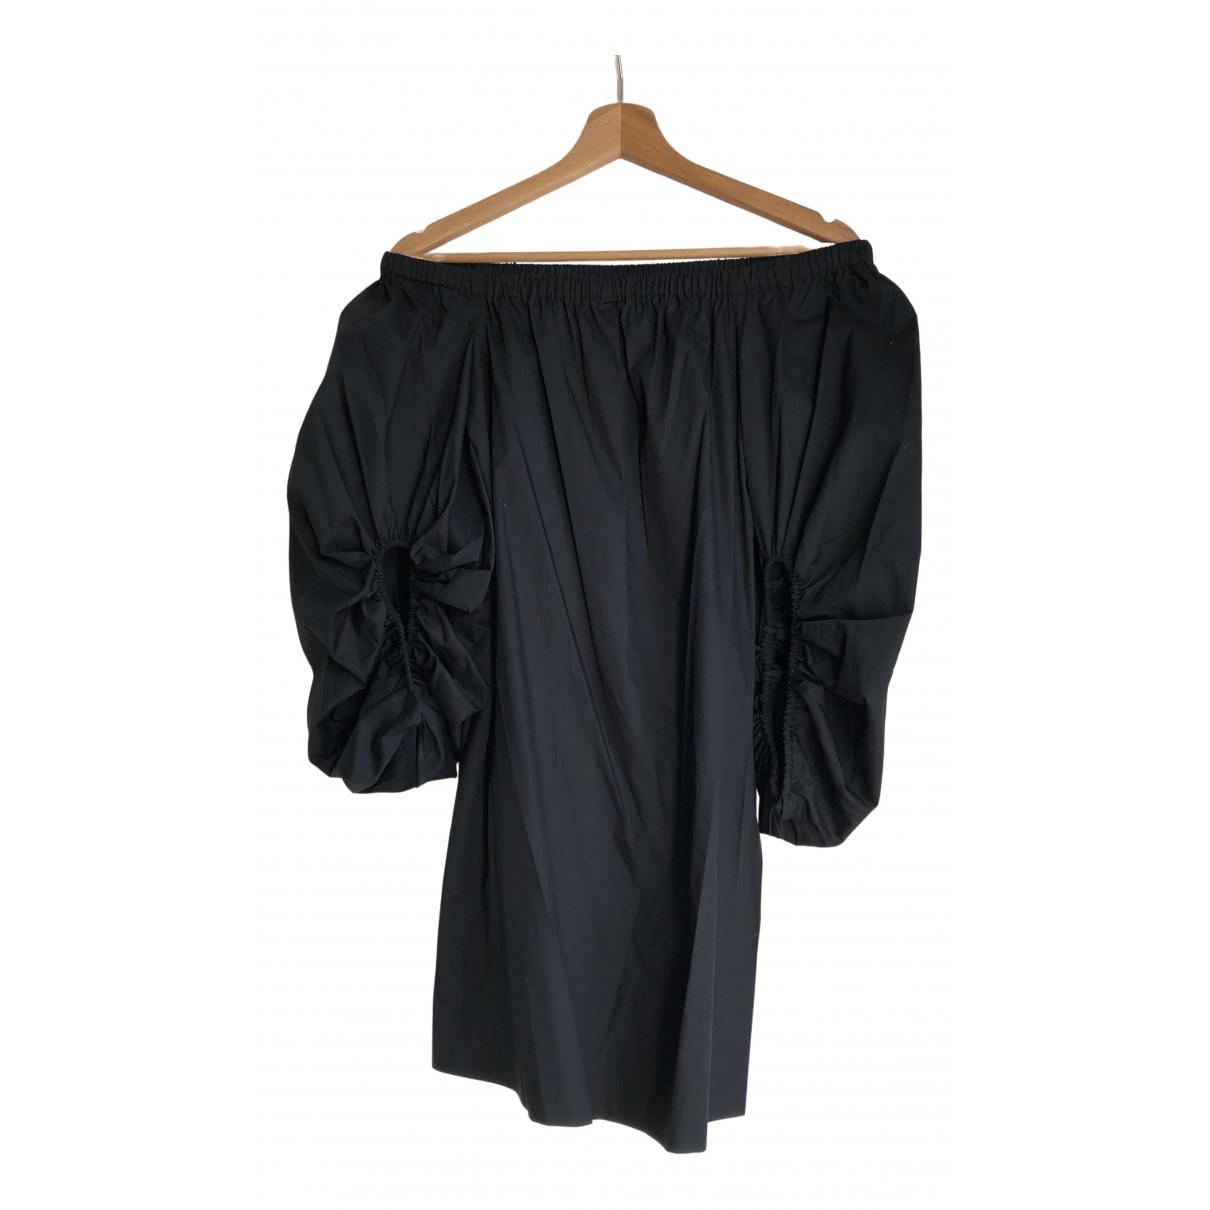 Rebecca Minkoff \N Kleid in  Schwarz Baumwolle